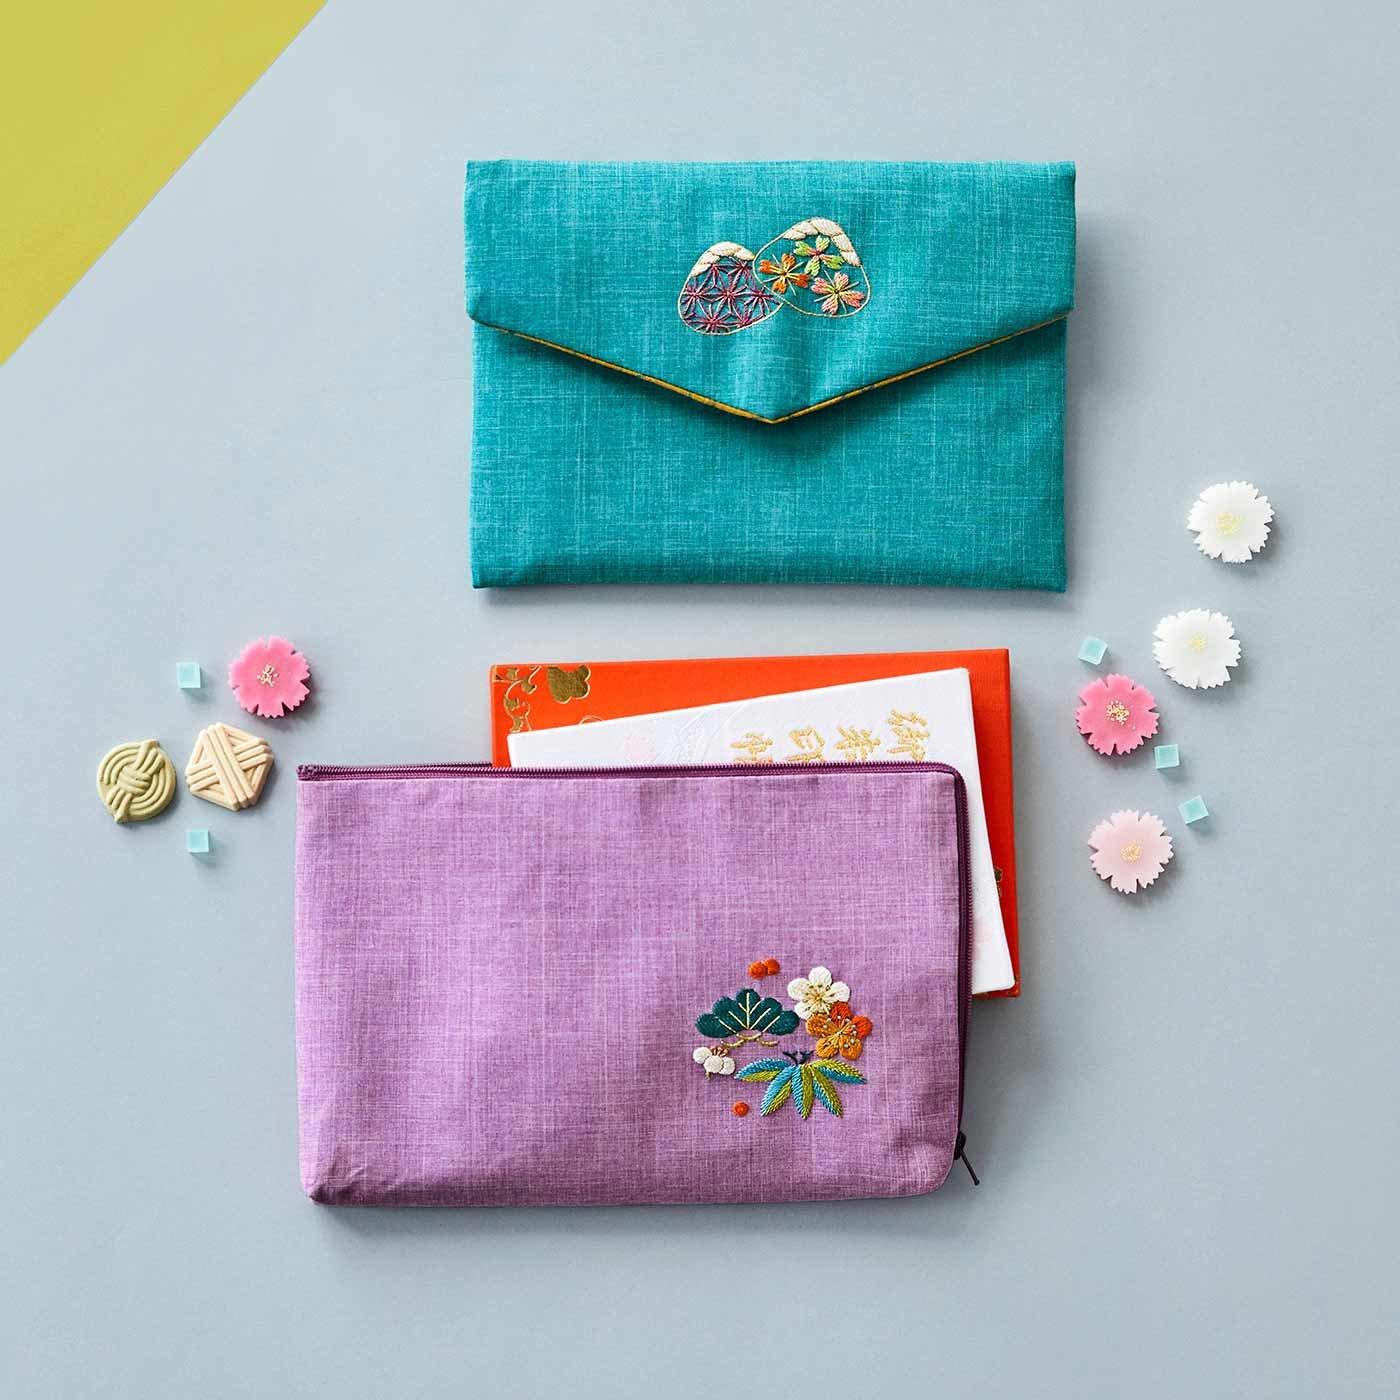 寺社めぐりがもっと楽しくなる 日本刺しゅうご朱印帳袋の会